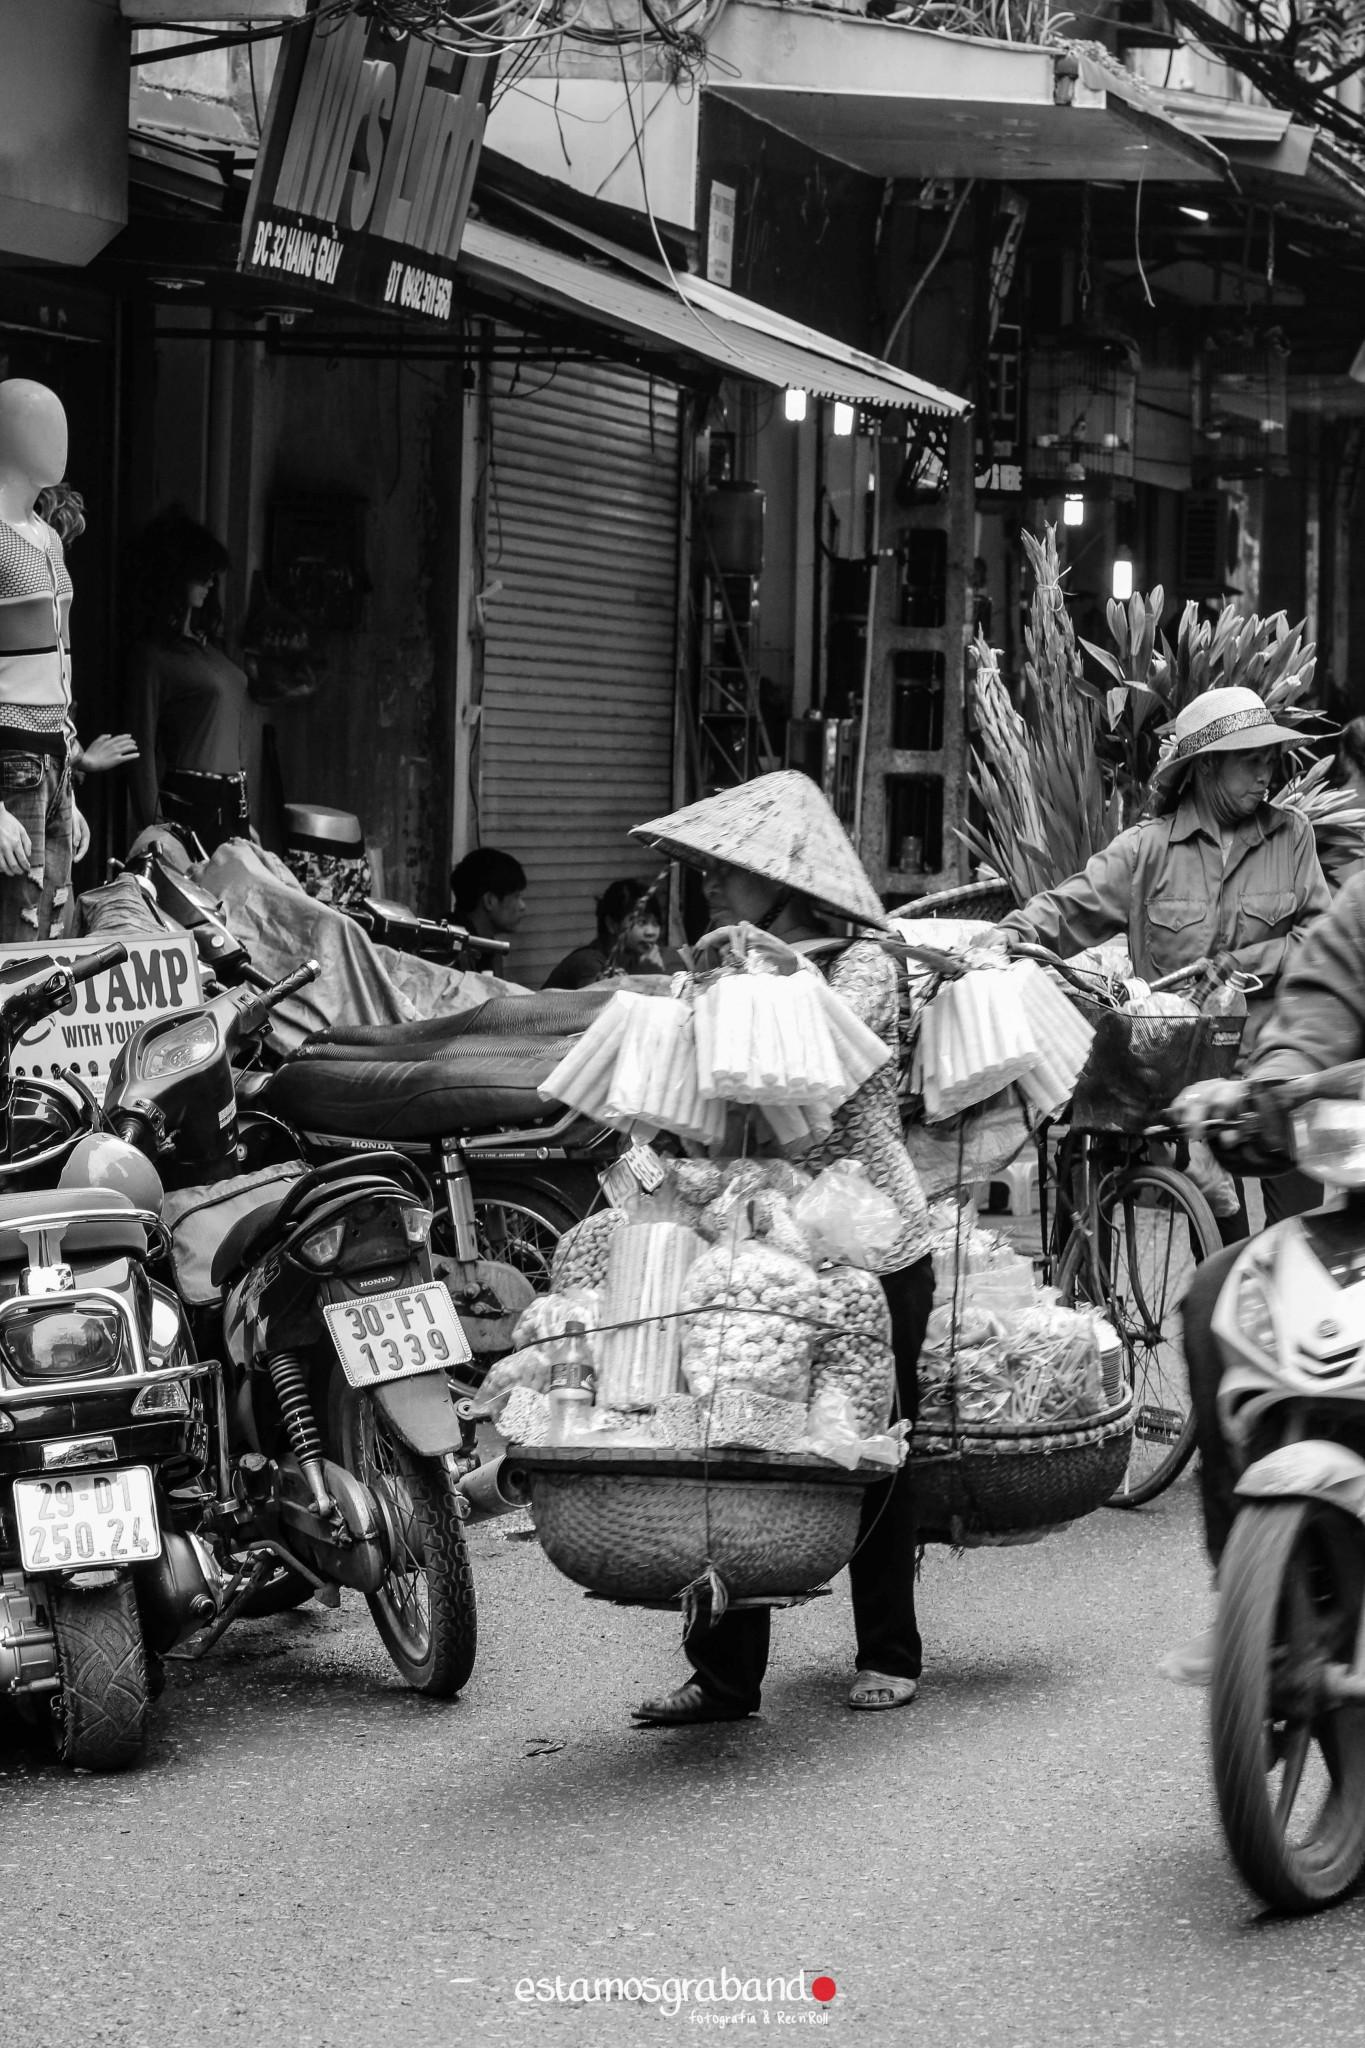 reportaje-vietnam_fotograficc81a-vietnam_estamosgrabando-vietnam_rutasvietnam_reportaje-retratos-fotos-vietnam_fotografia-vietnam_reportaje-estamosgrabando-fotograficc81a-vietnam-72 Pequeños grandes recuerdos de Vietnam en 100 imágenes - video boda cadiz